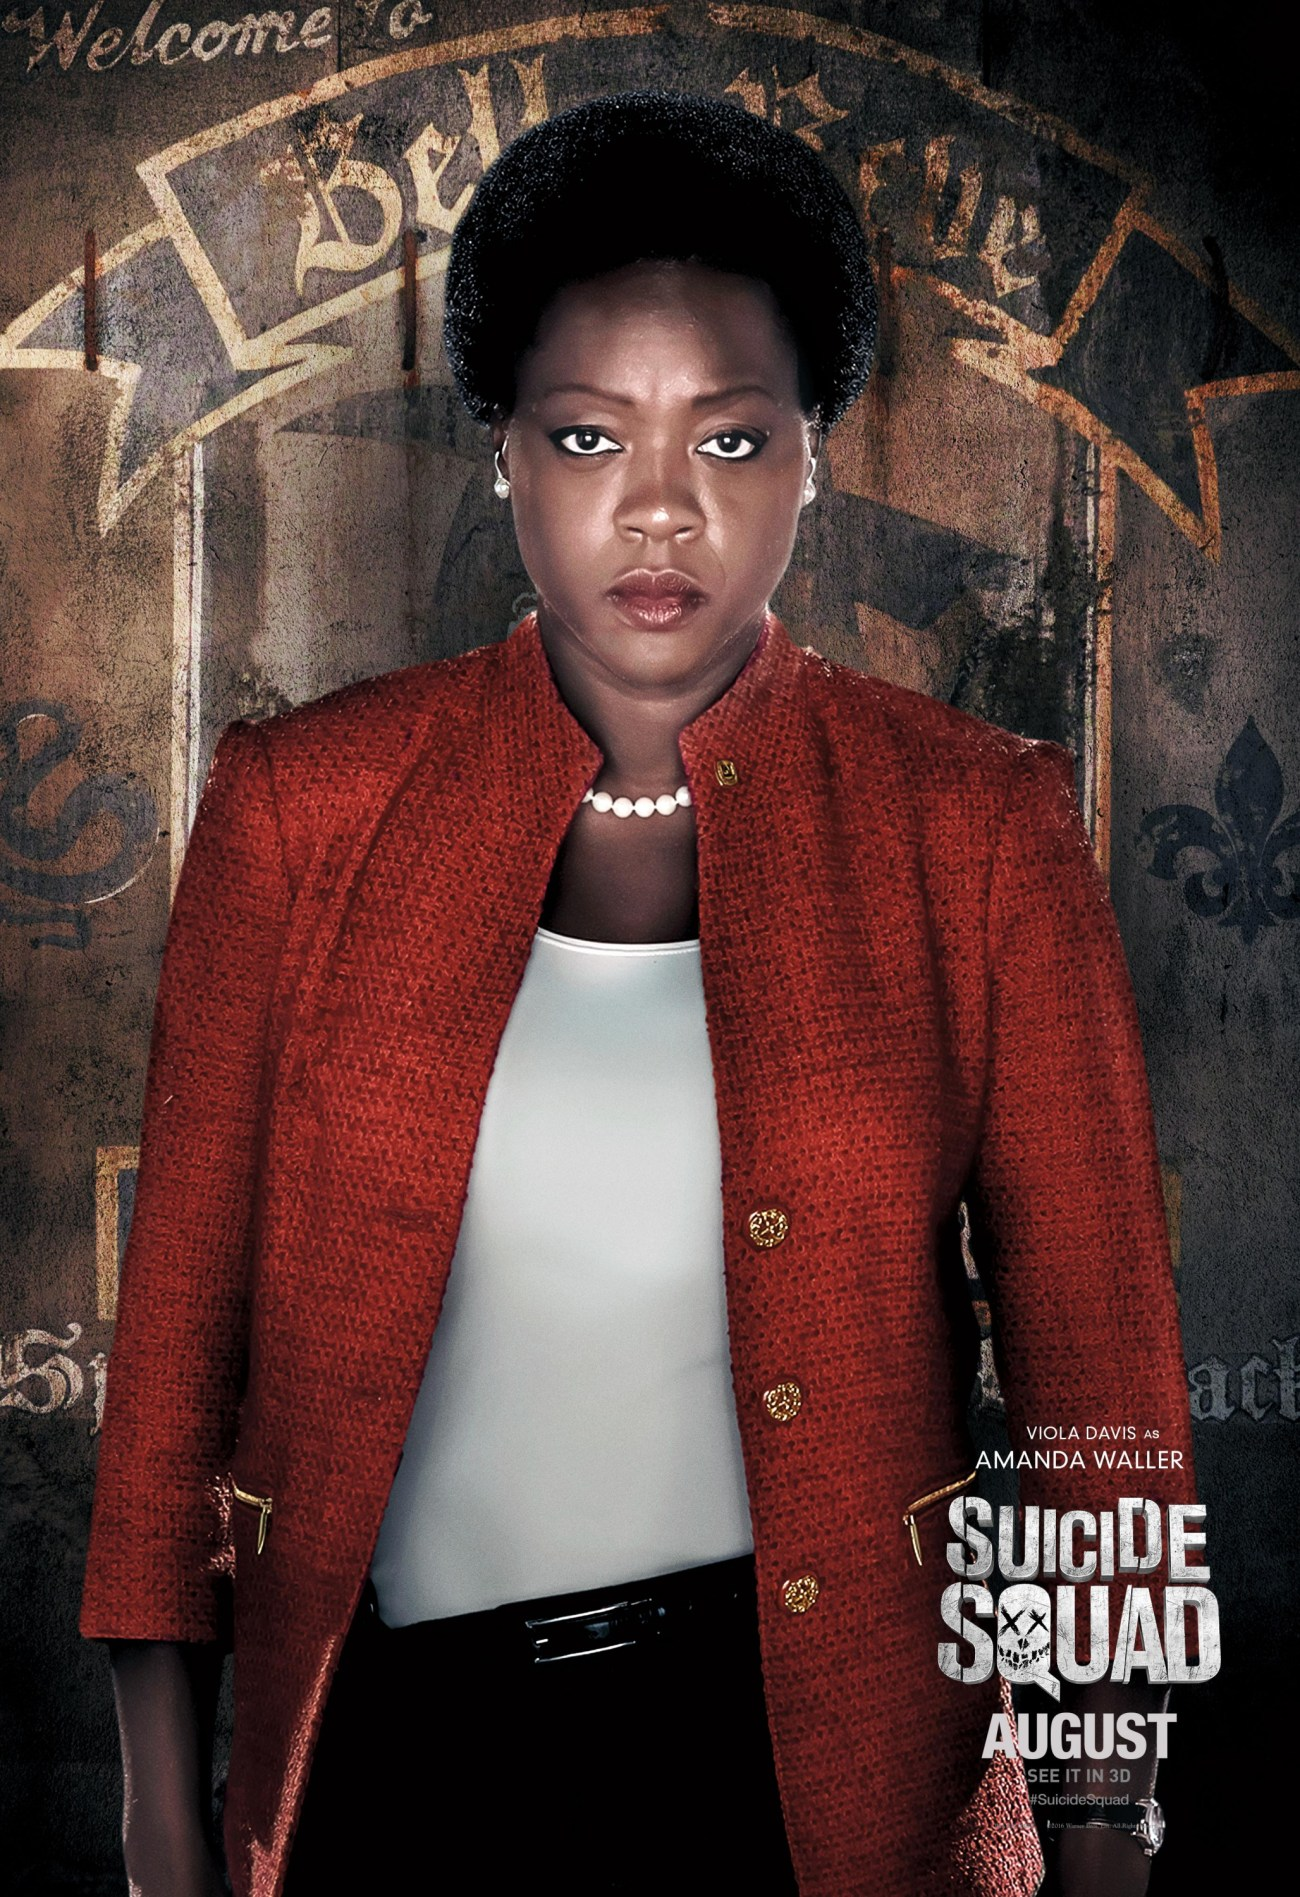 Amanda Waller (Viola Davis) en Suicide Squad (2016). Imagen: impawards.com